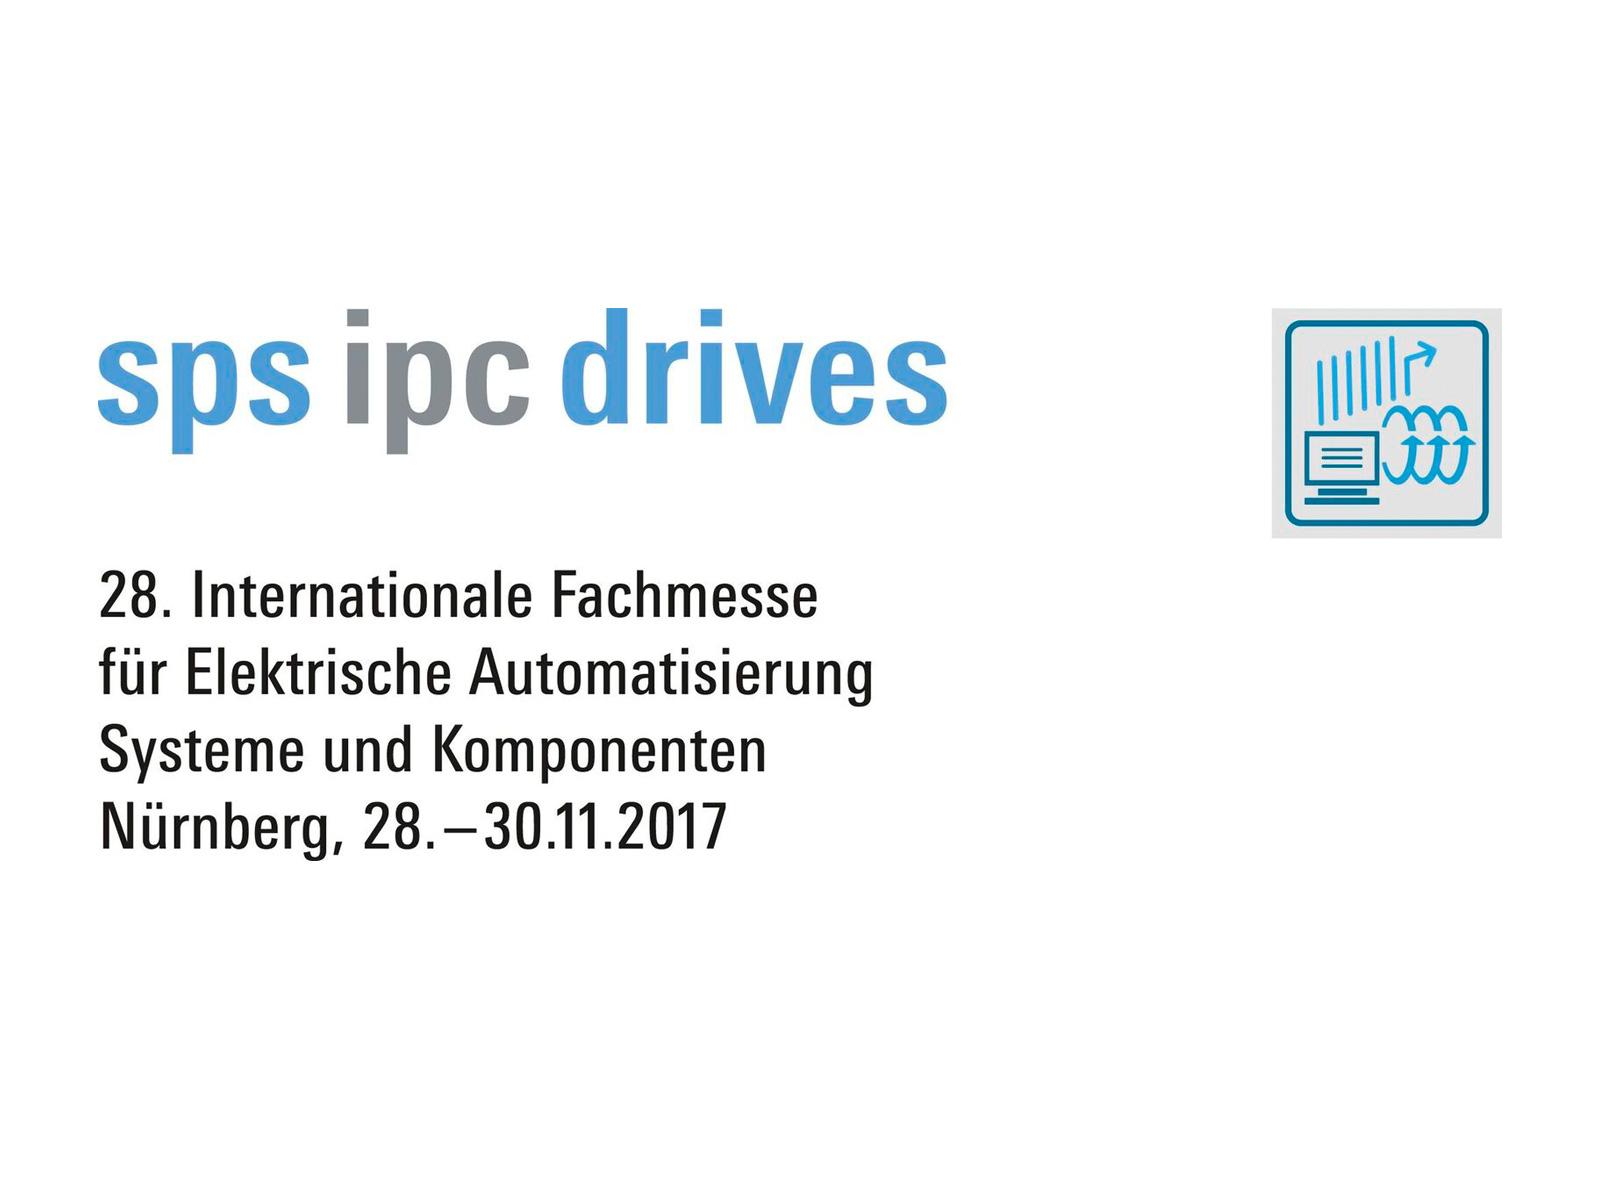 sps ipc drives in Nürnberg